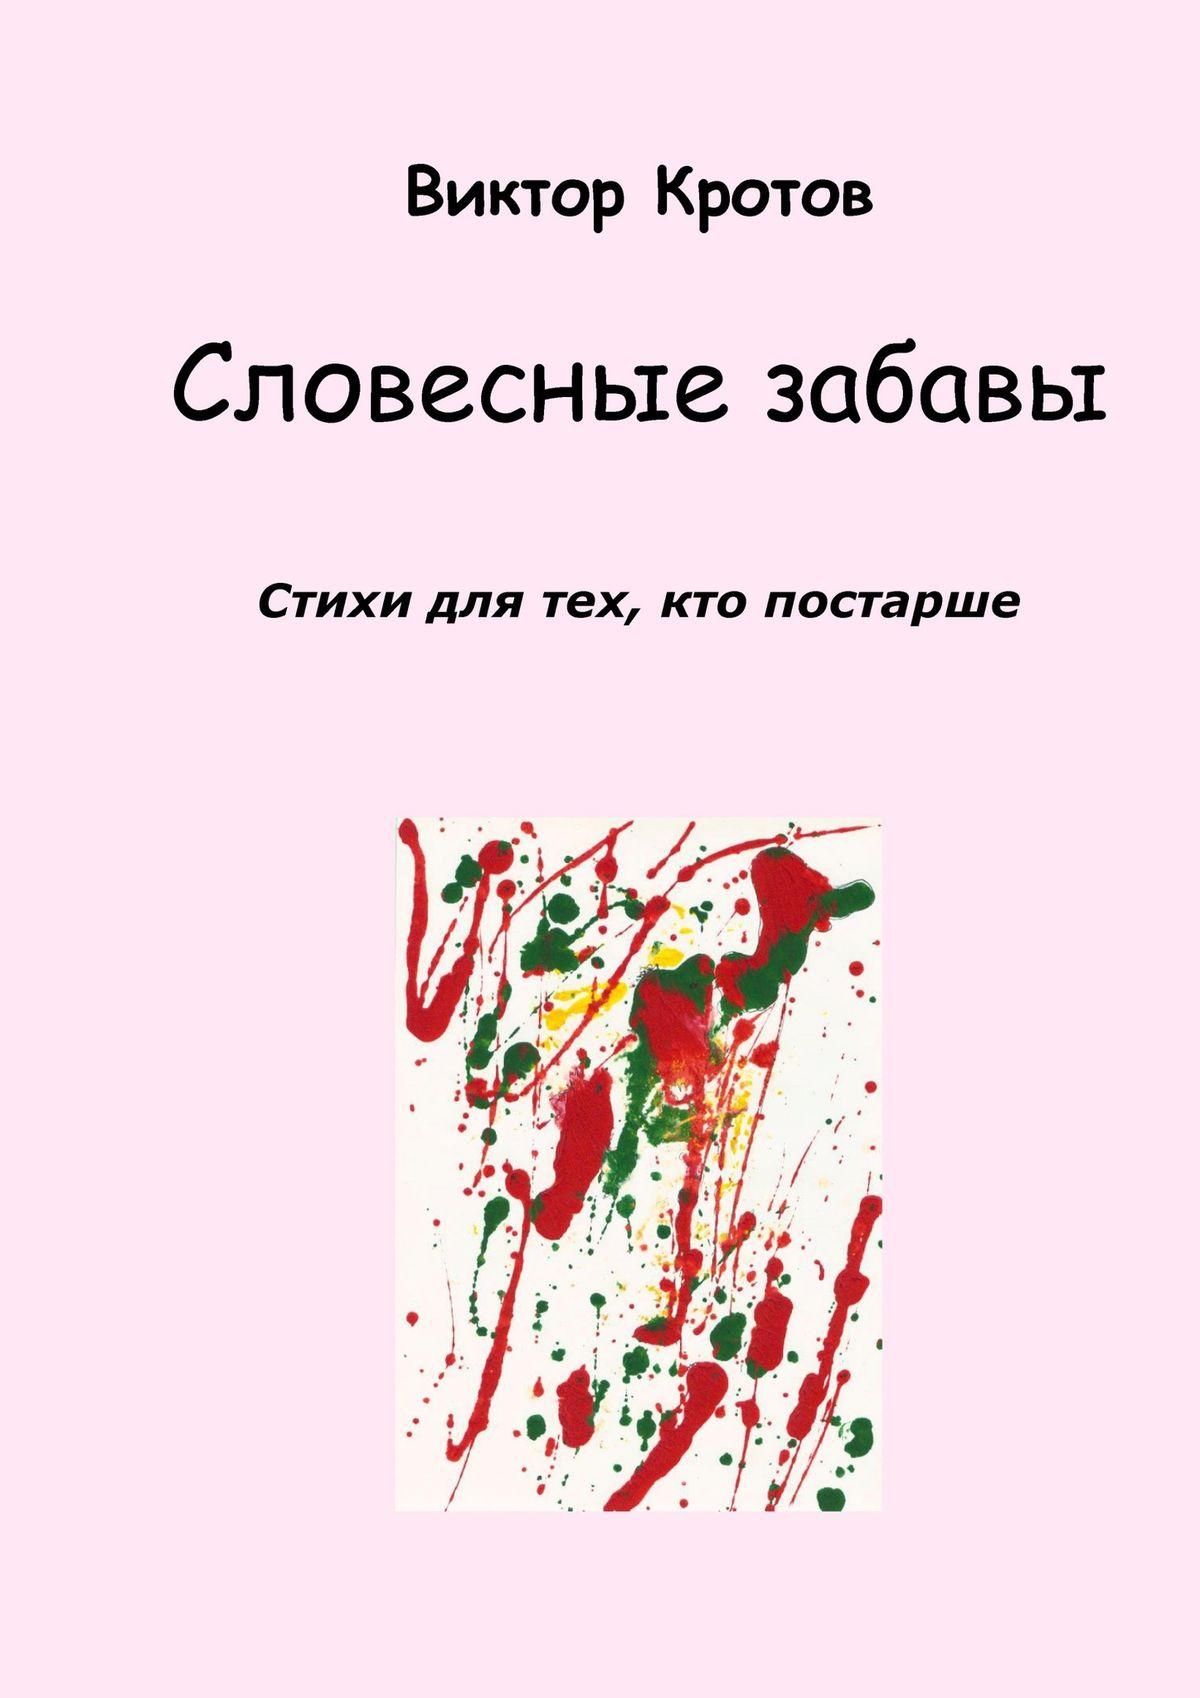 Виктор Кротов Словесные забавы. Стихи для тех, кто постарше виктор кротов словесные забавы стихи для тех кто постарше